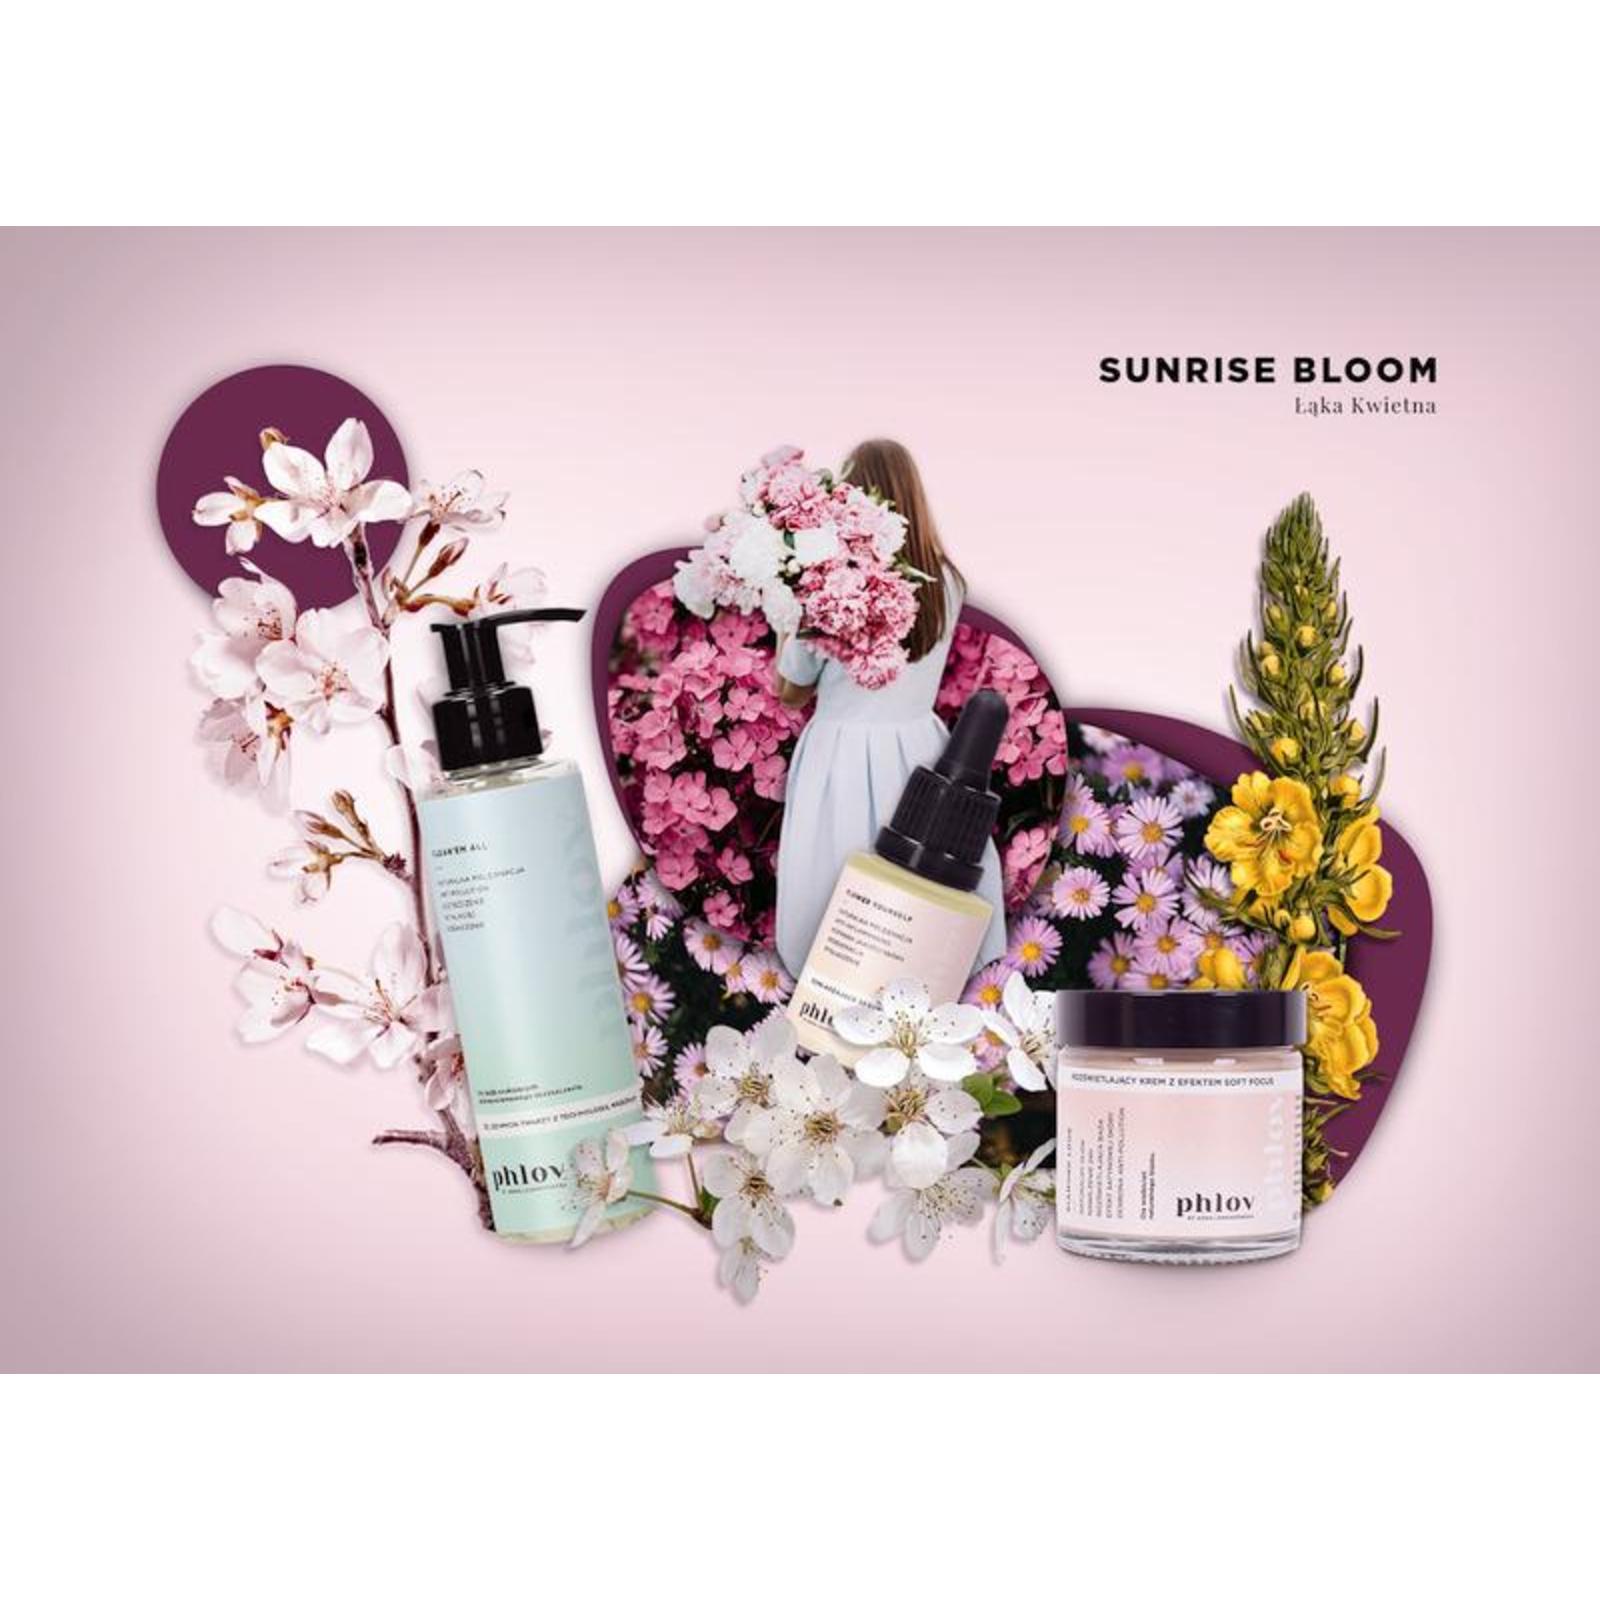 Moc kwiatów – zestaw do porannej pielęgnacji - Łąka Kwietna – SUNRISE BLOOM